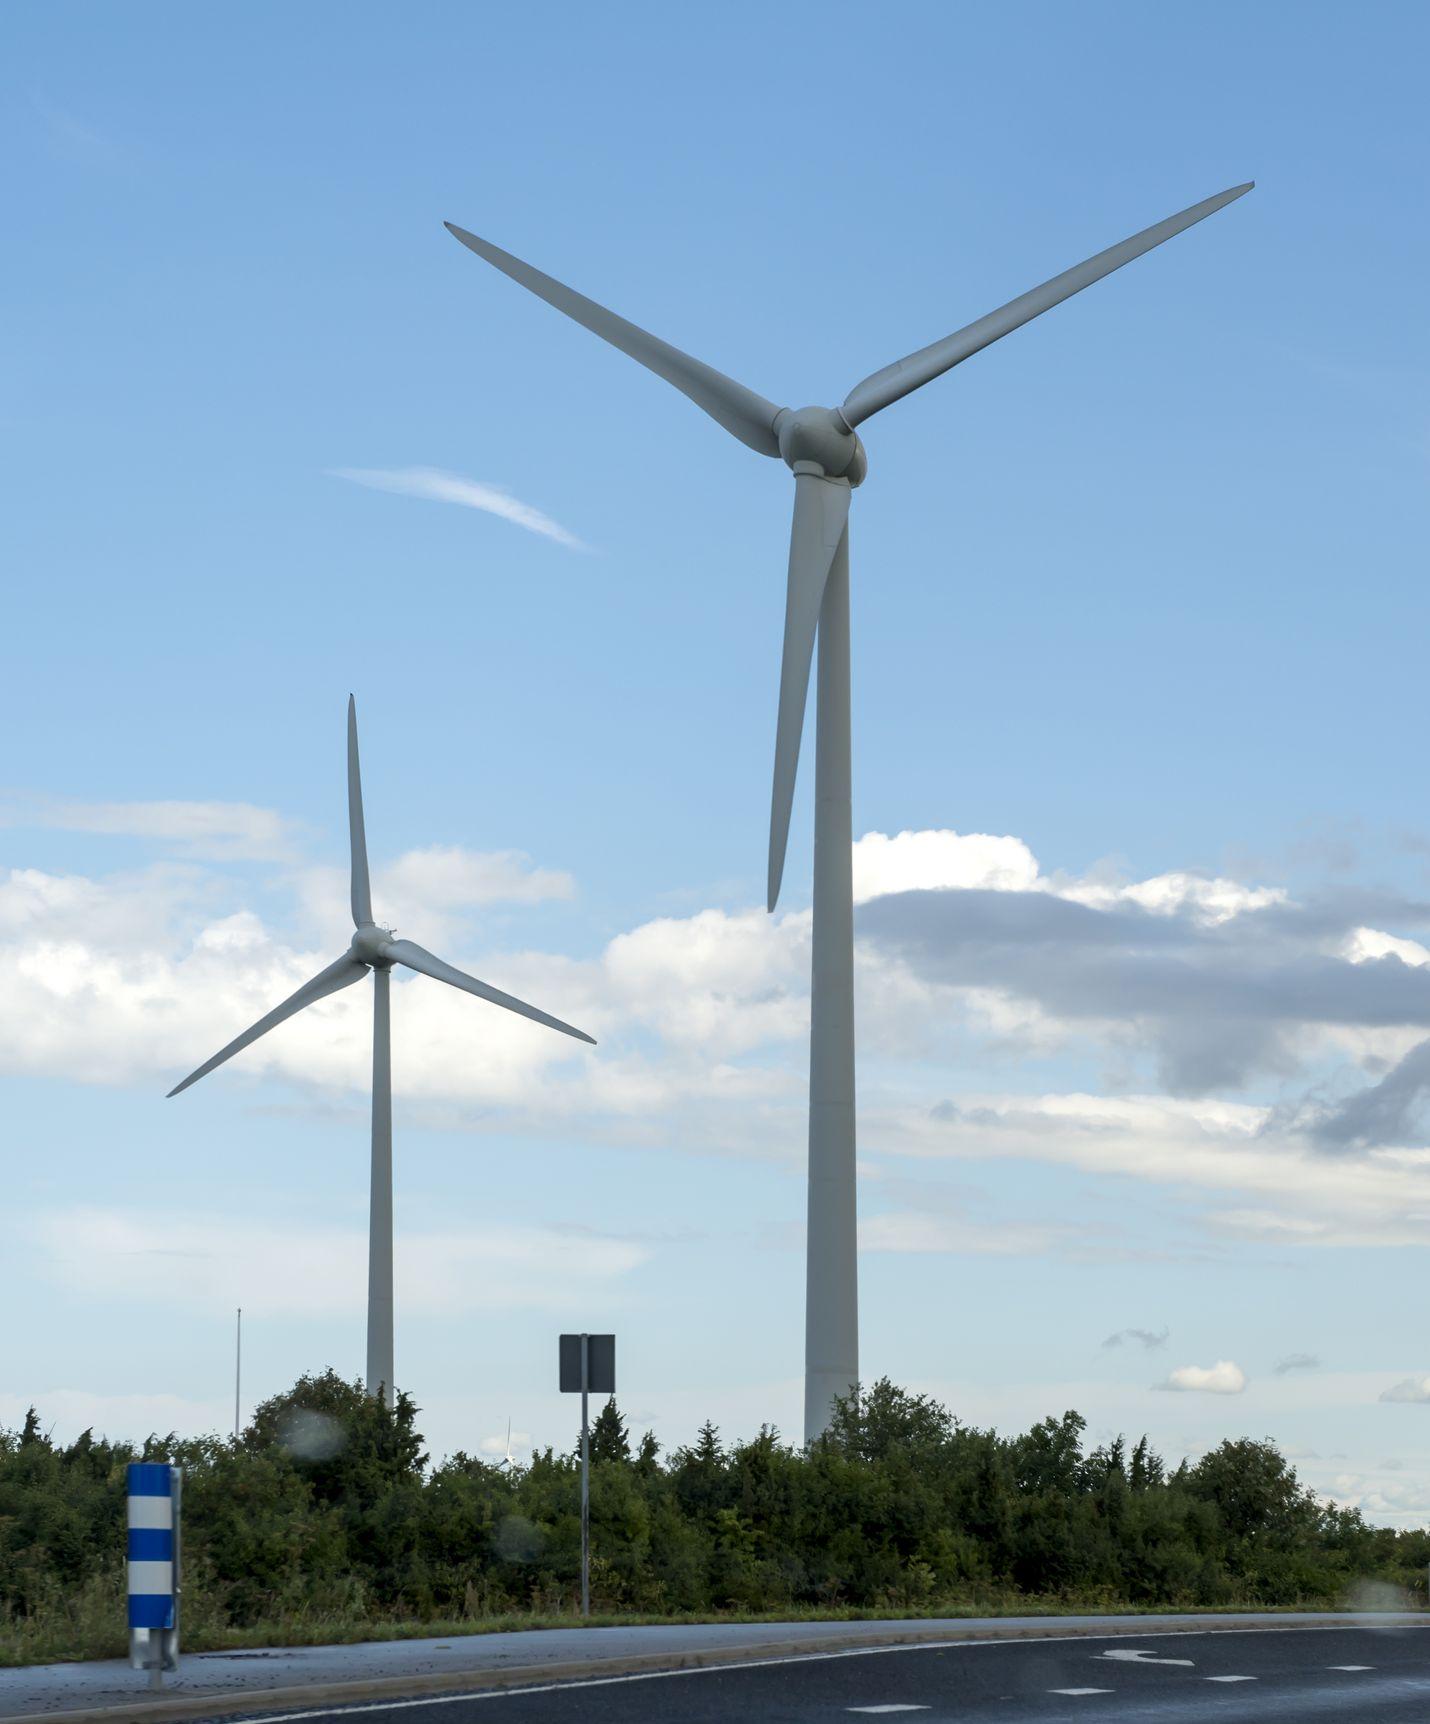 Kirjoittaja on löytänyt runsaasti argumentteja, joilla hän vastustaa tuulivoiman rakentamista Suomeen.